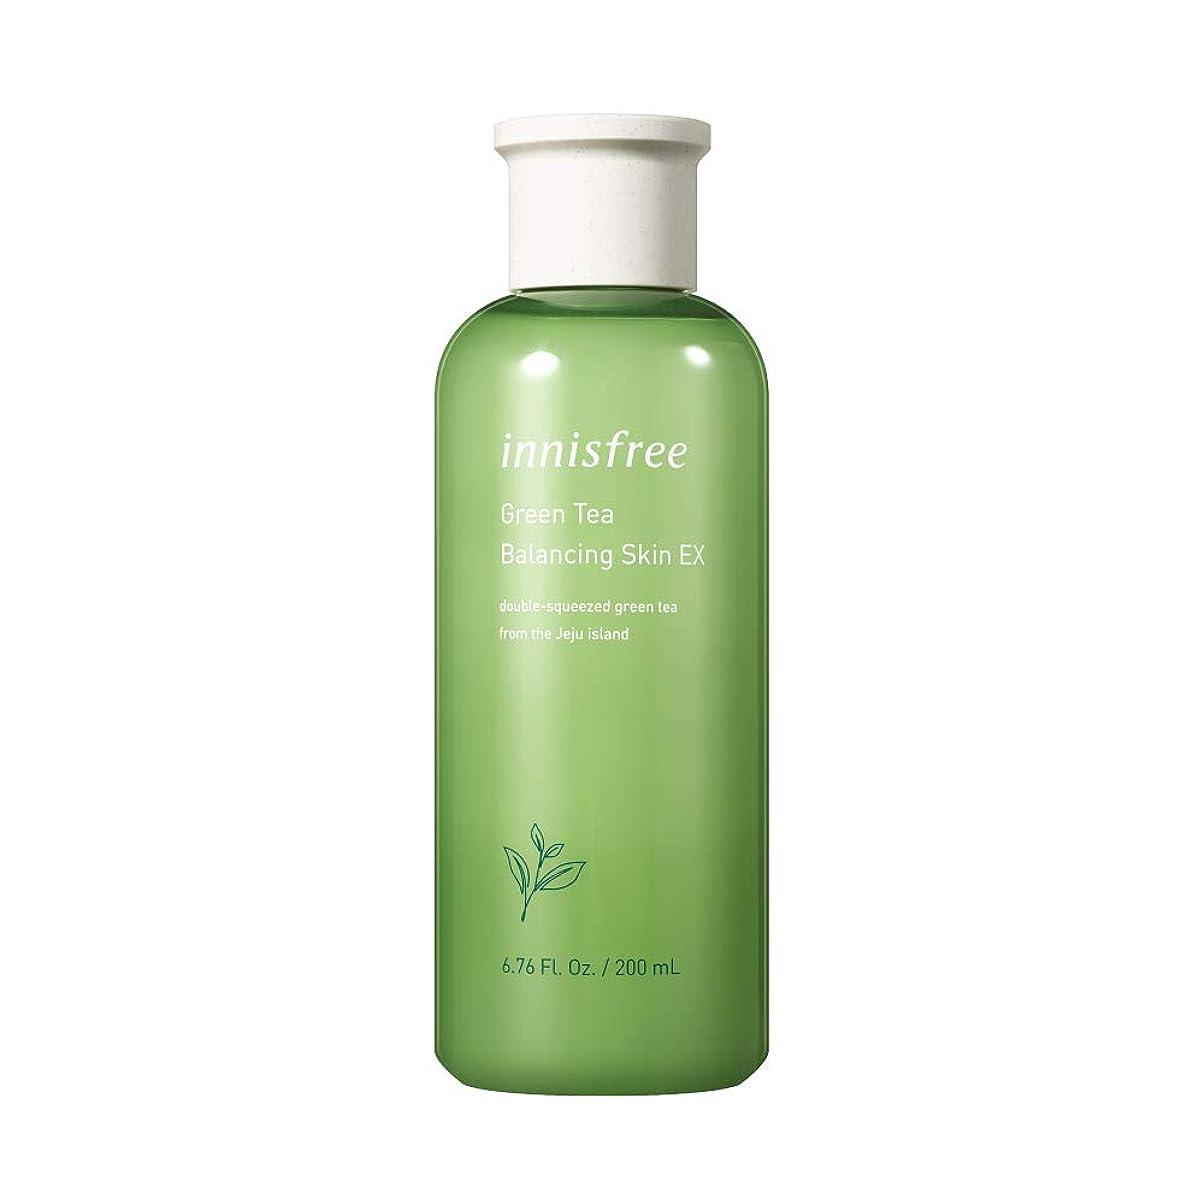 崇拝します認識ヨーロッパイニスフリー日本公式(innisfree)グリーンティー バランシングスキン[化粧水]200mL